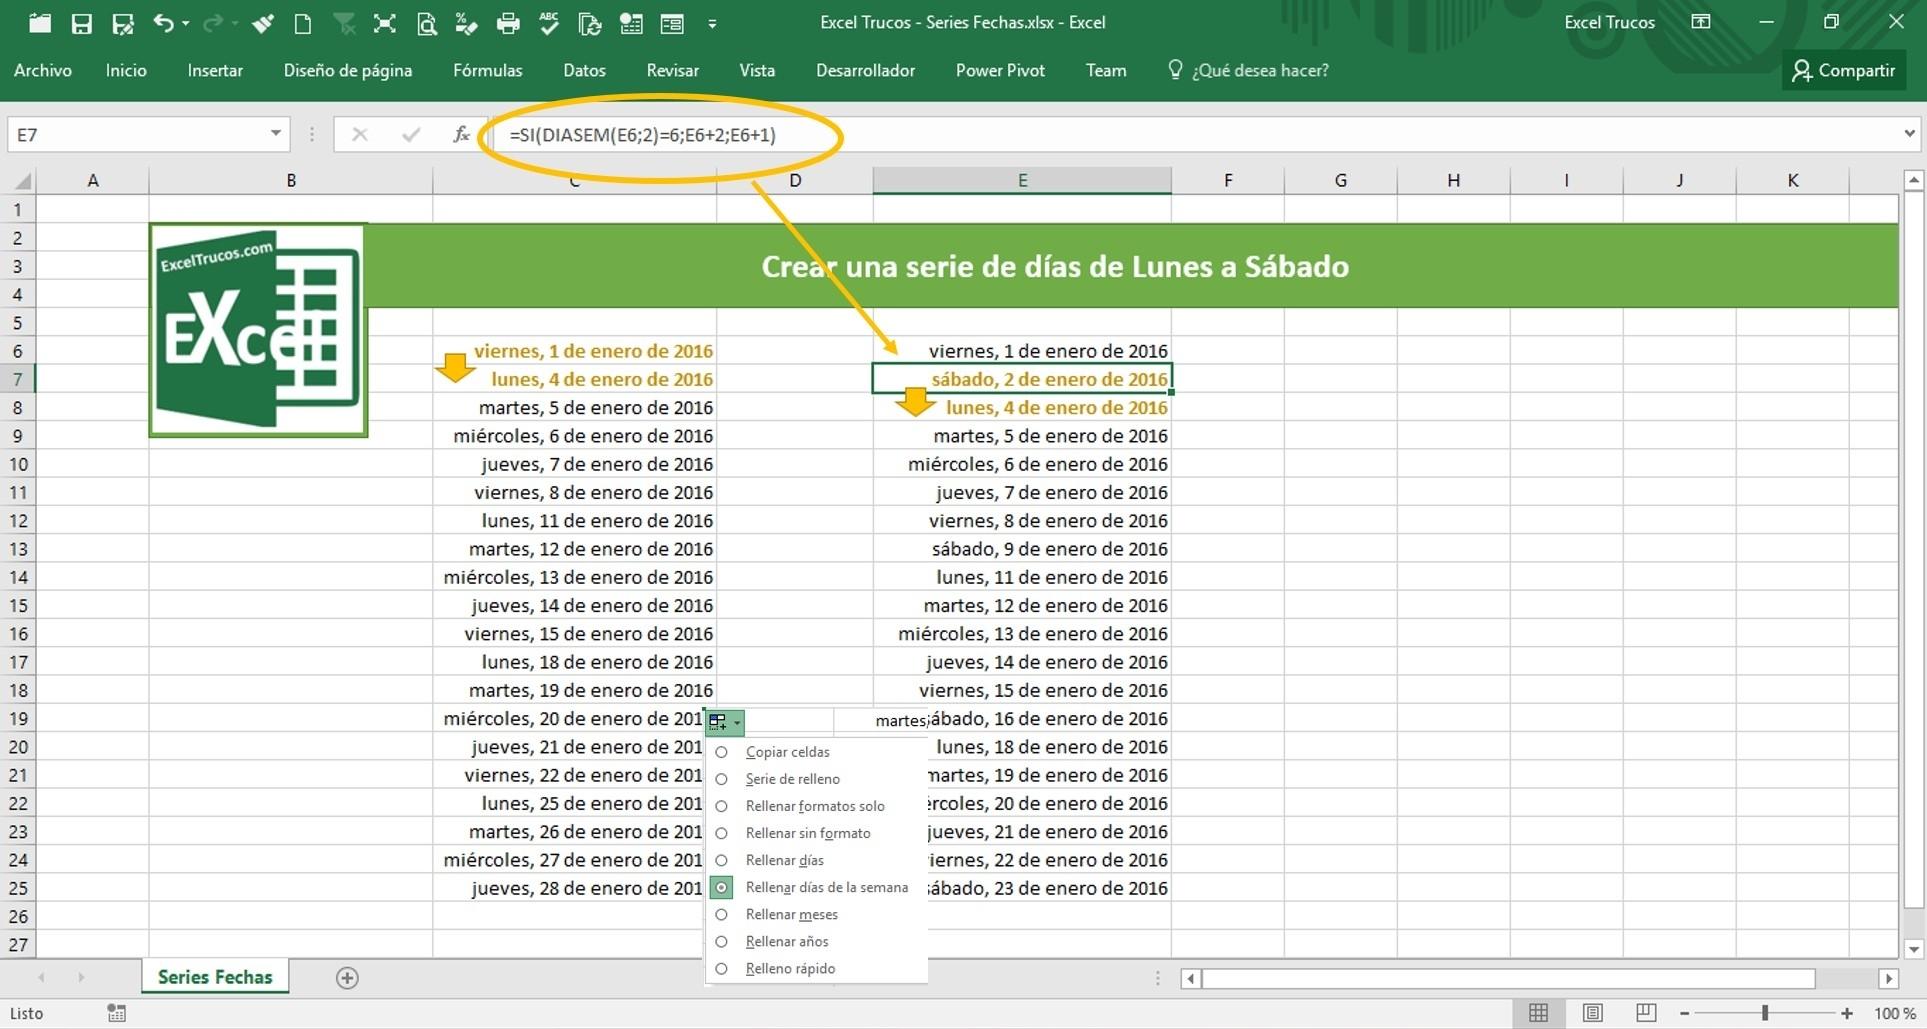 Crear Una Serie De Días De Lunes A Sábado | Excel Trucos